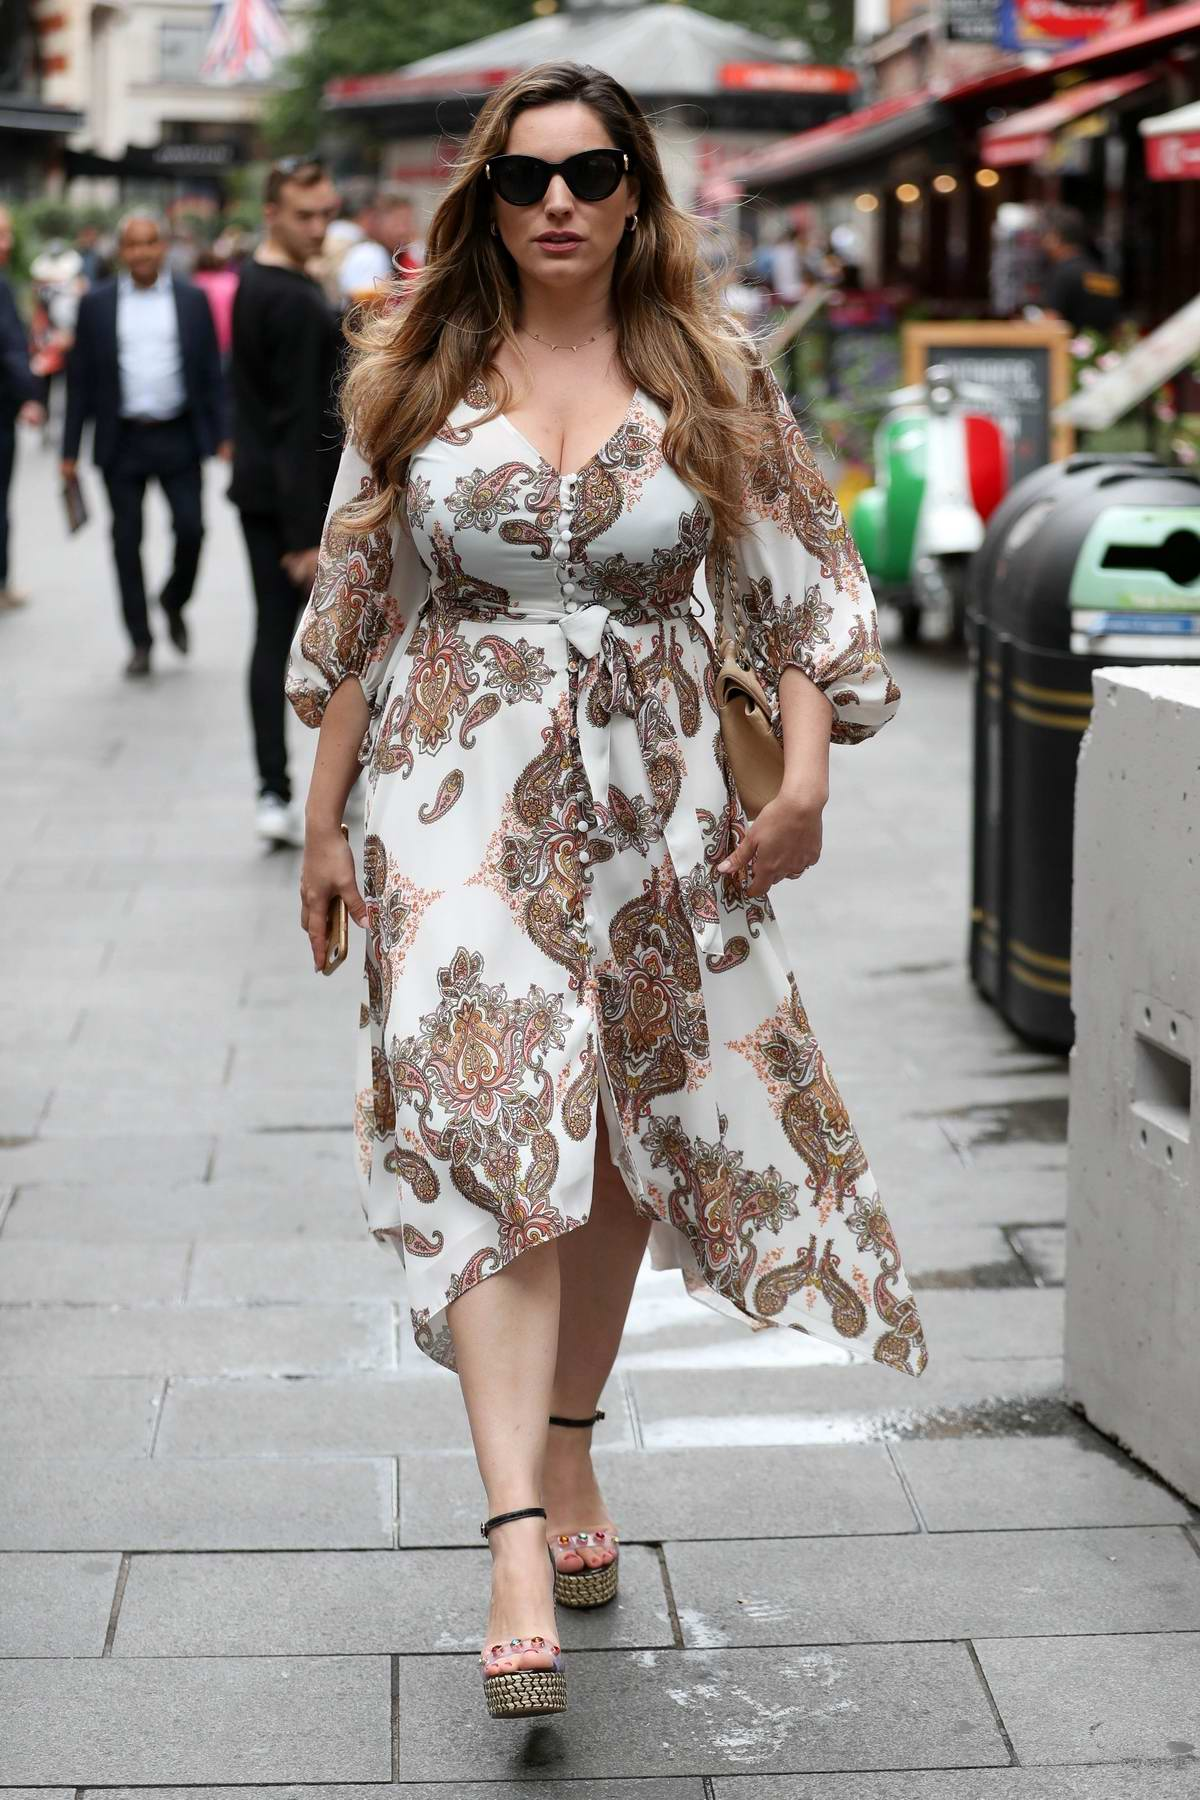 Kelly Brook looks elegant in paisley print summer dress as she leaves Global Radio Studios in London, UK